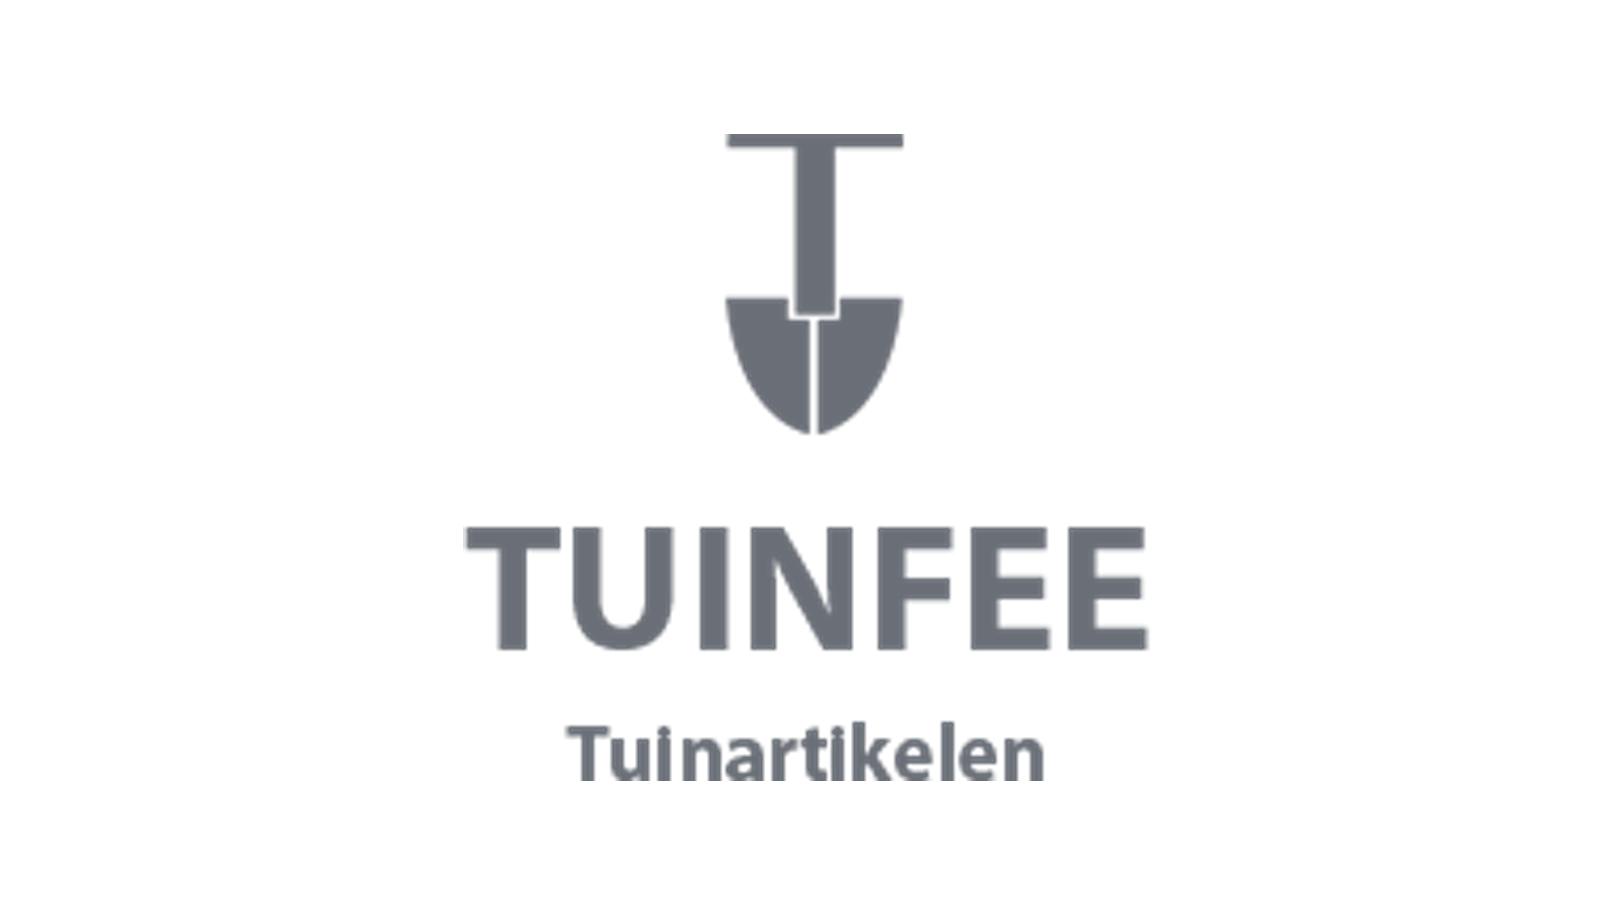 De Tuinfee